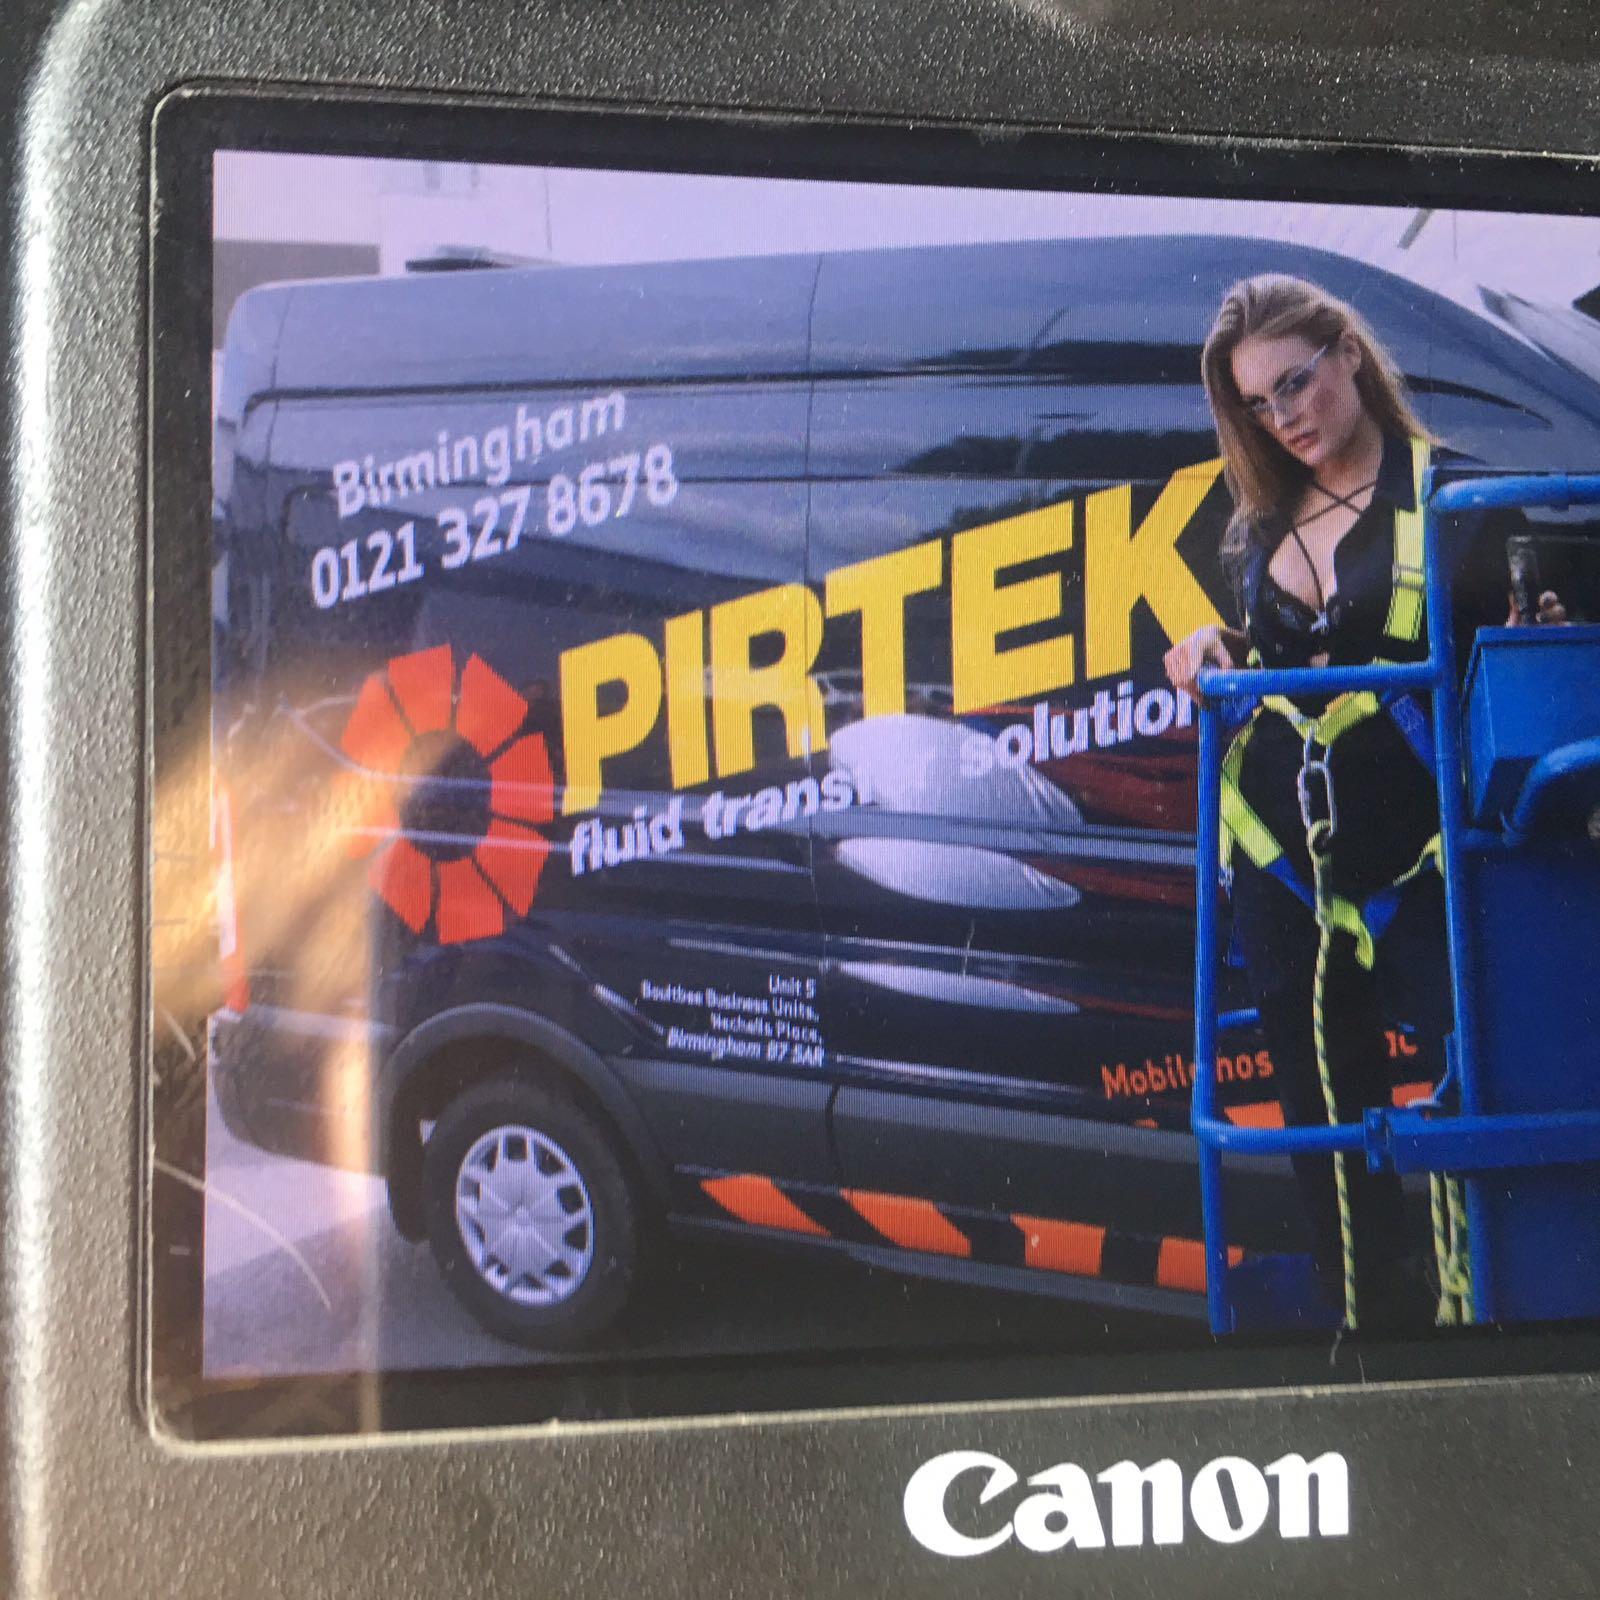 Photo Shoot with Pirtek UK in Birmingham on 20th September 2017